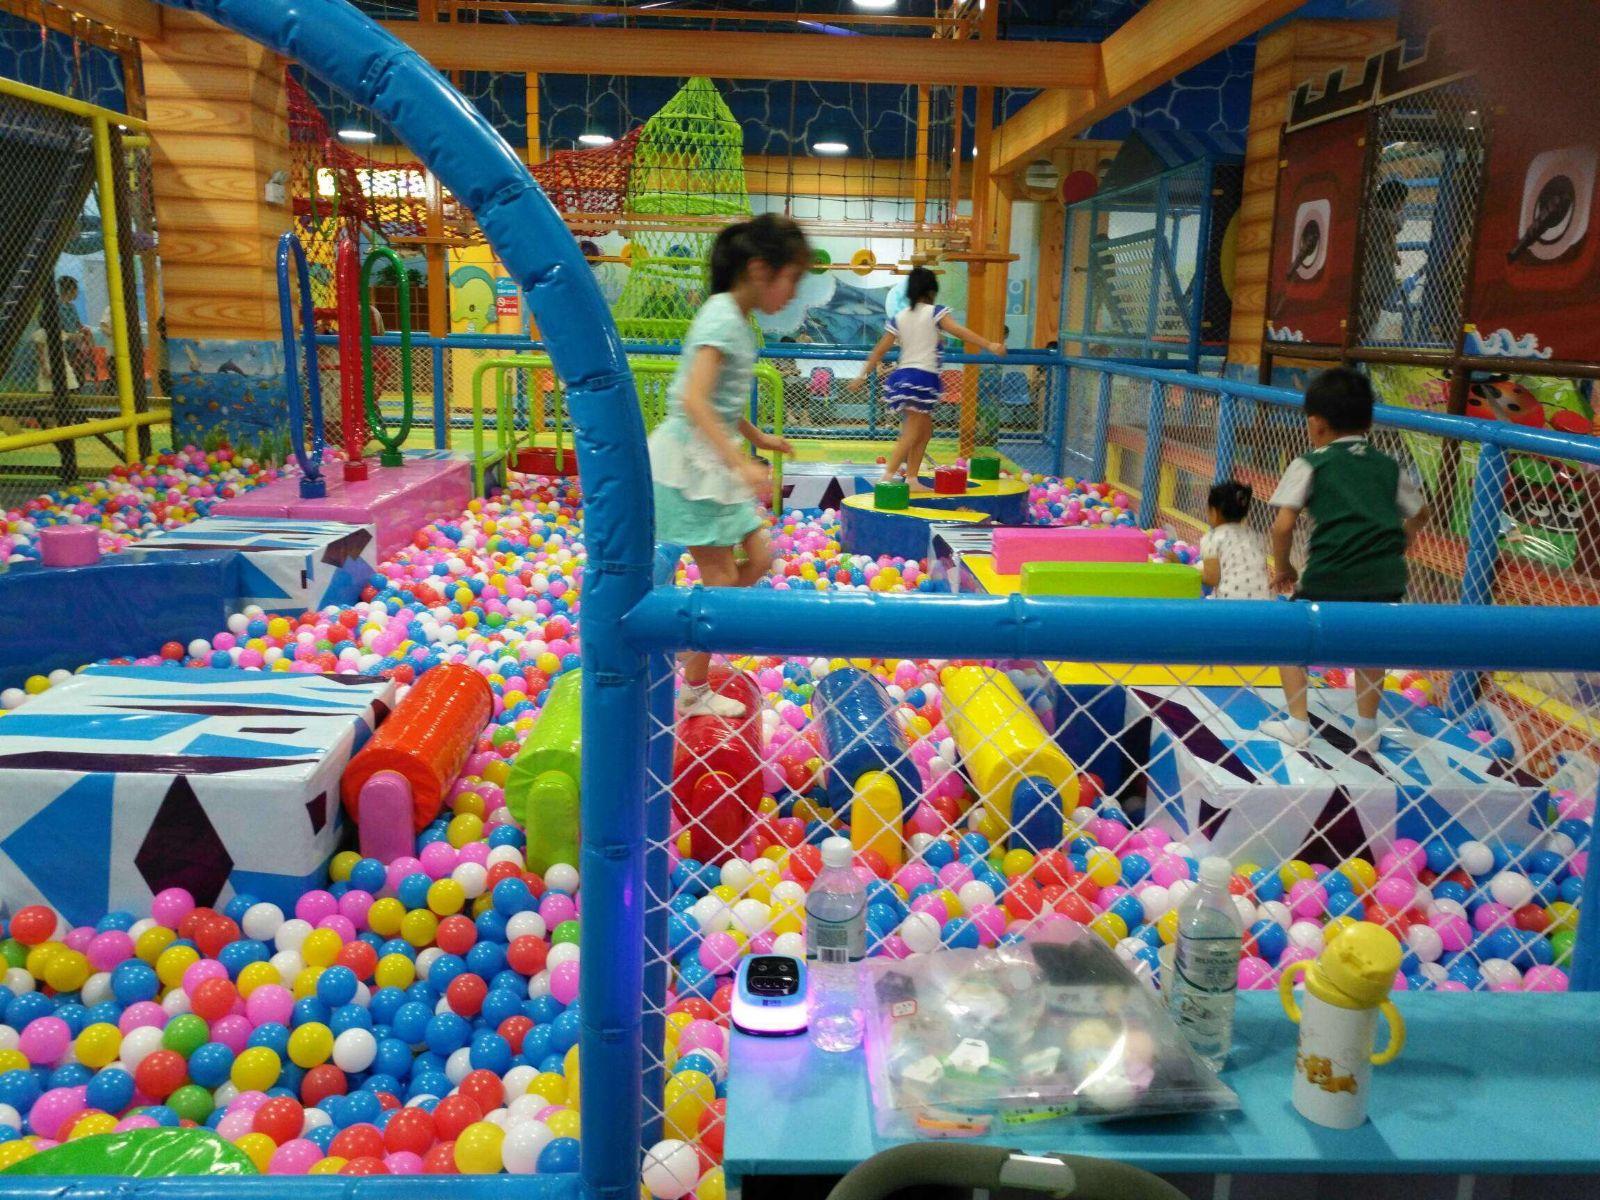 室内儿童游乐场价格_室内儿童游乐场环境怎么定位_开心哈乐儿童乐园